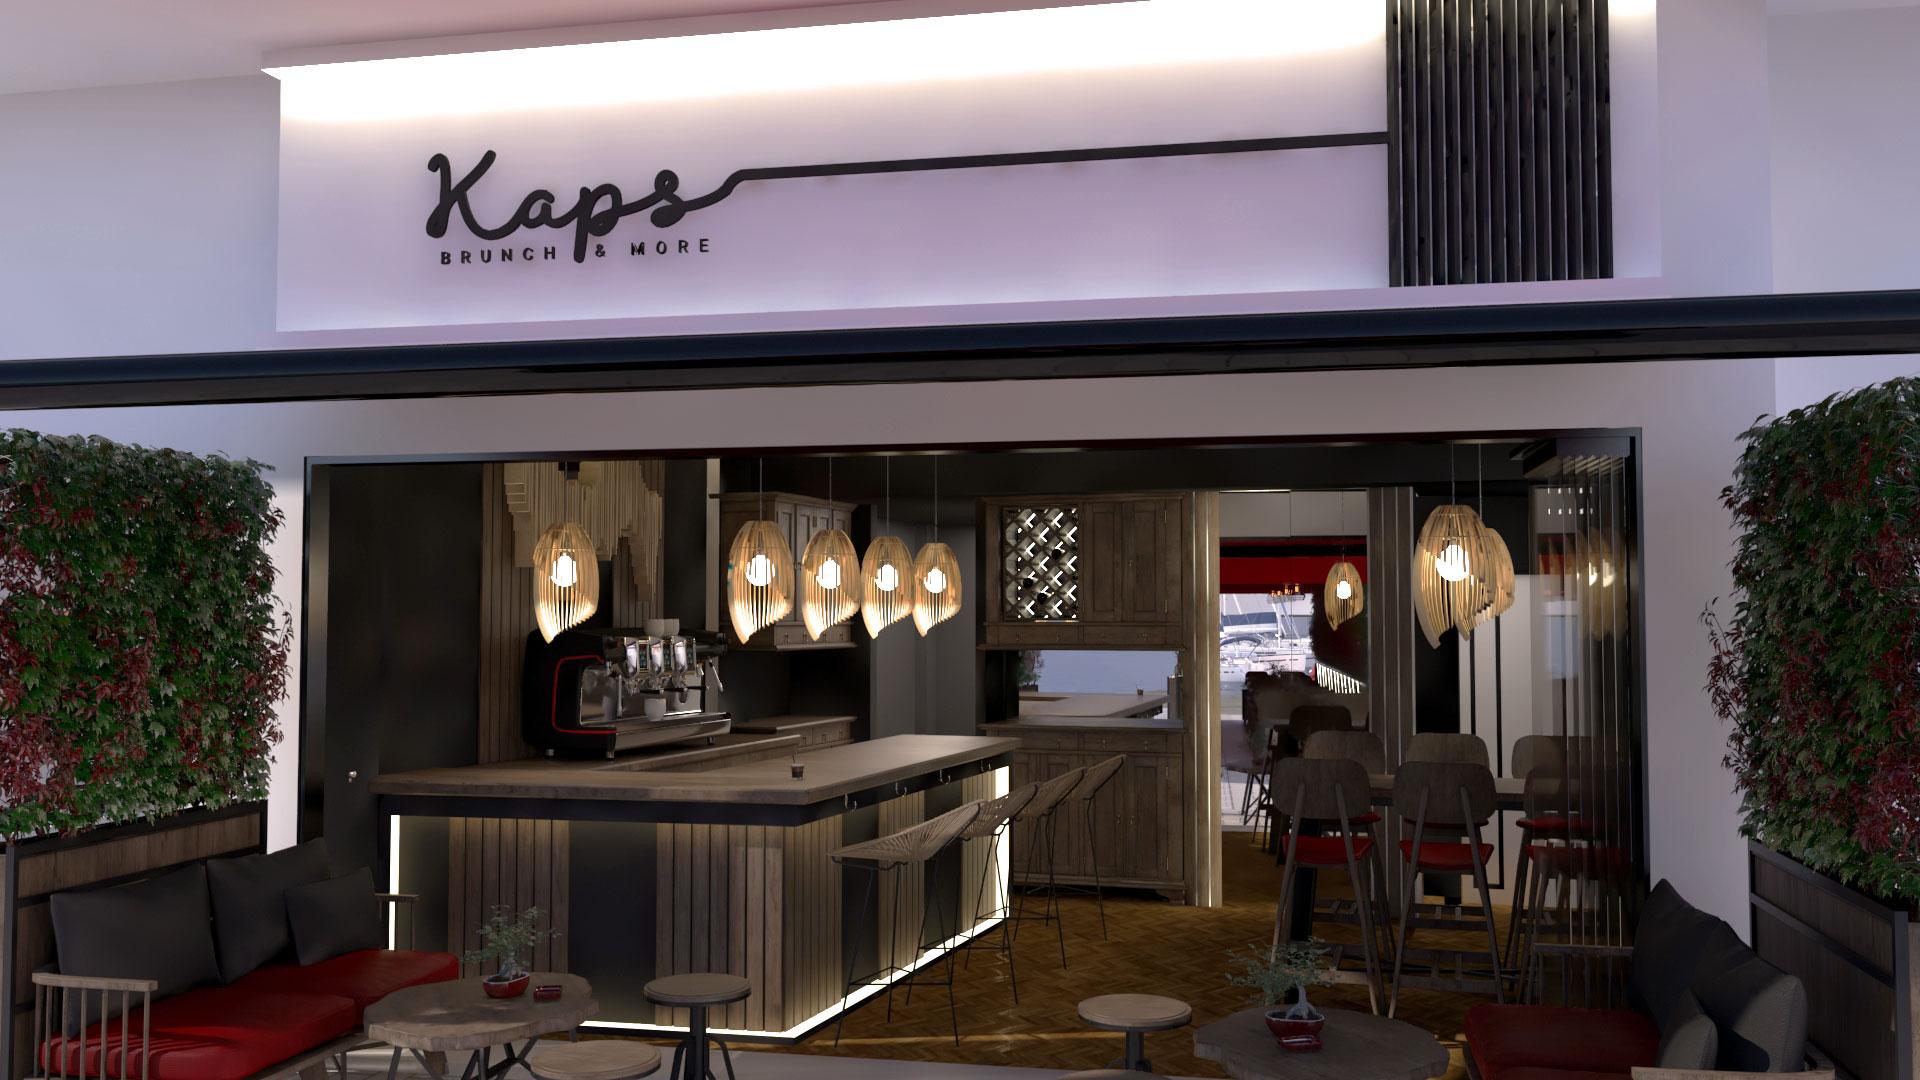 Kaps Brunch & More  | Interior Design | ZAFIRAKIS DIMITRIS